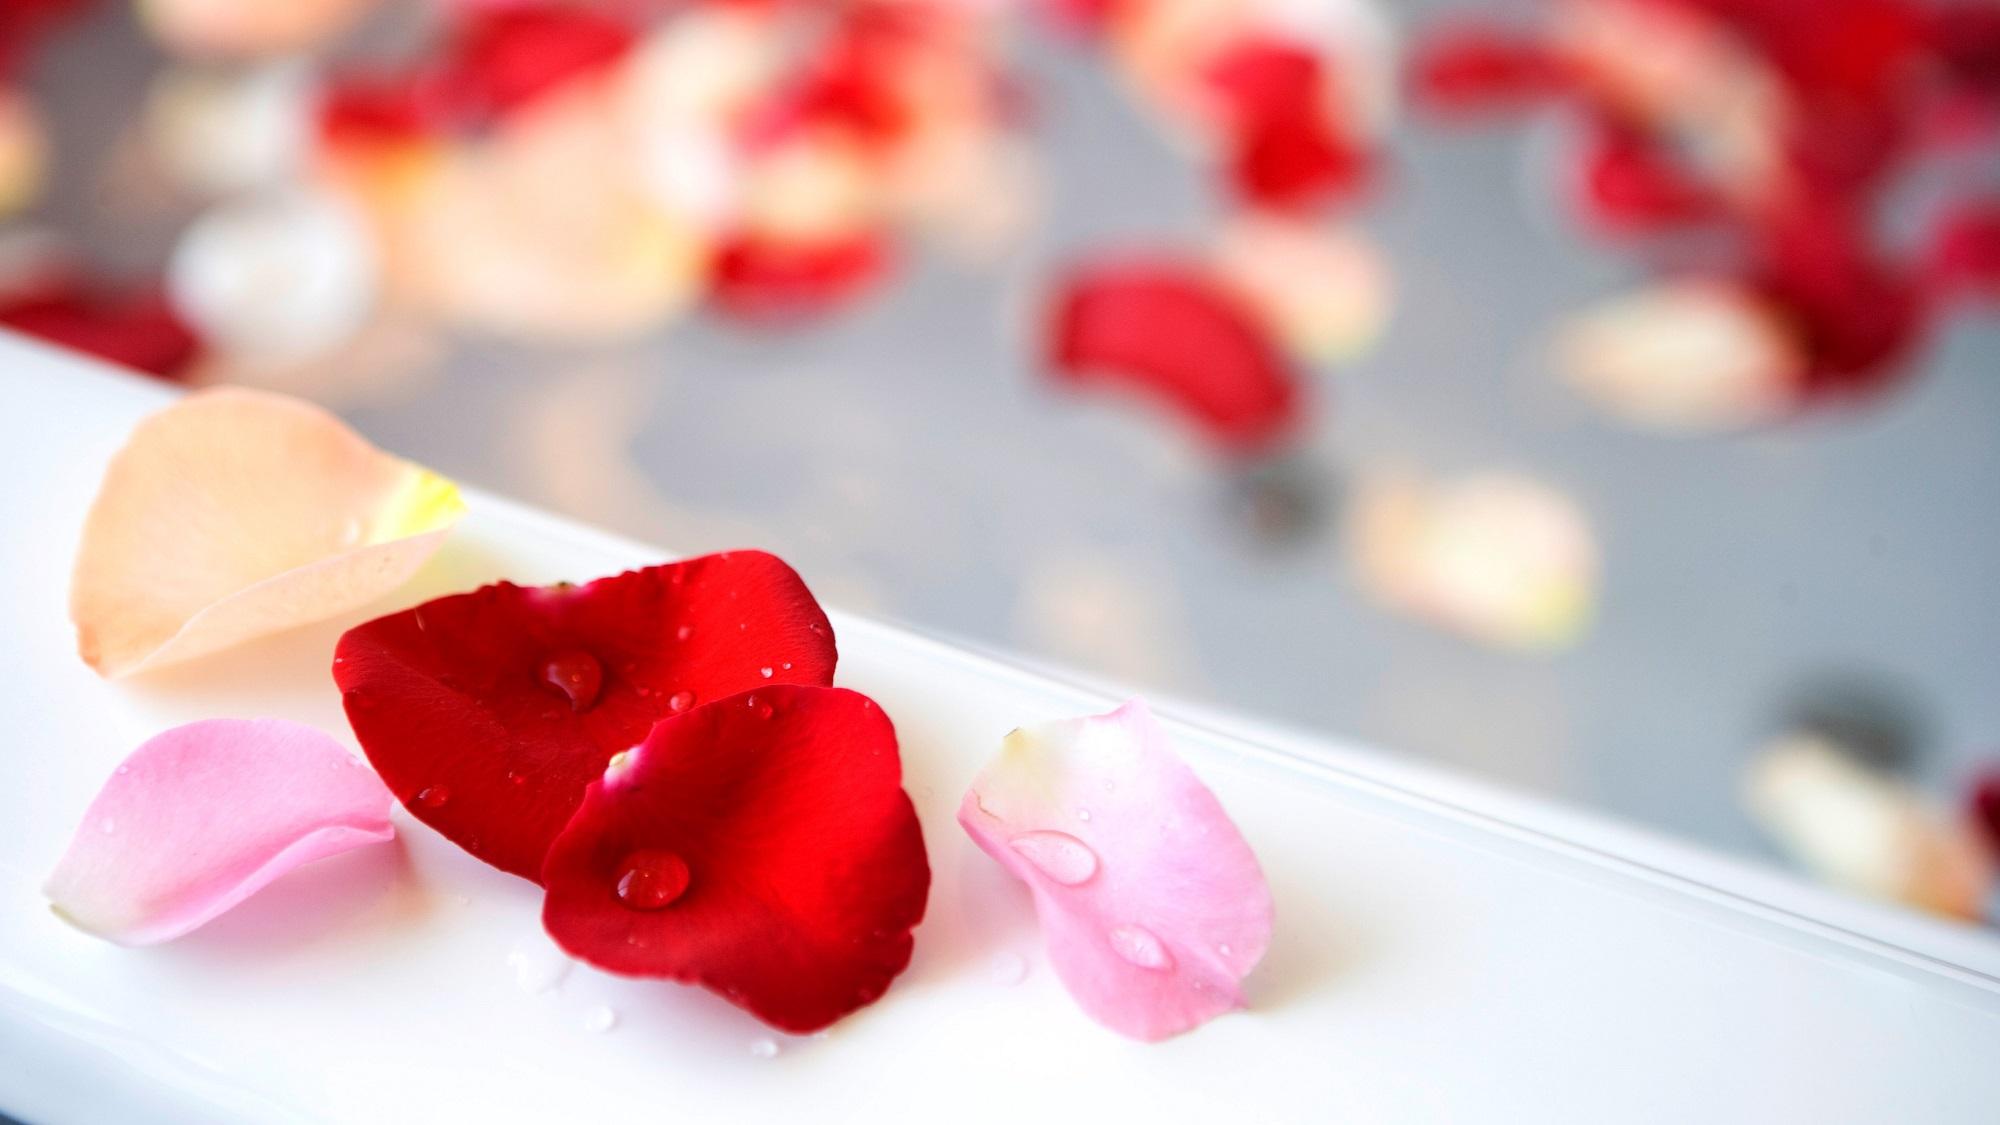 【ビューバスルームで花香る贅沢な時間を】Flowerful Bathtime Stay